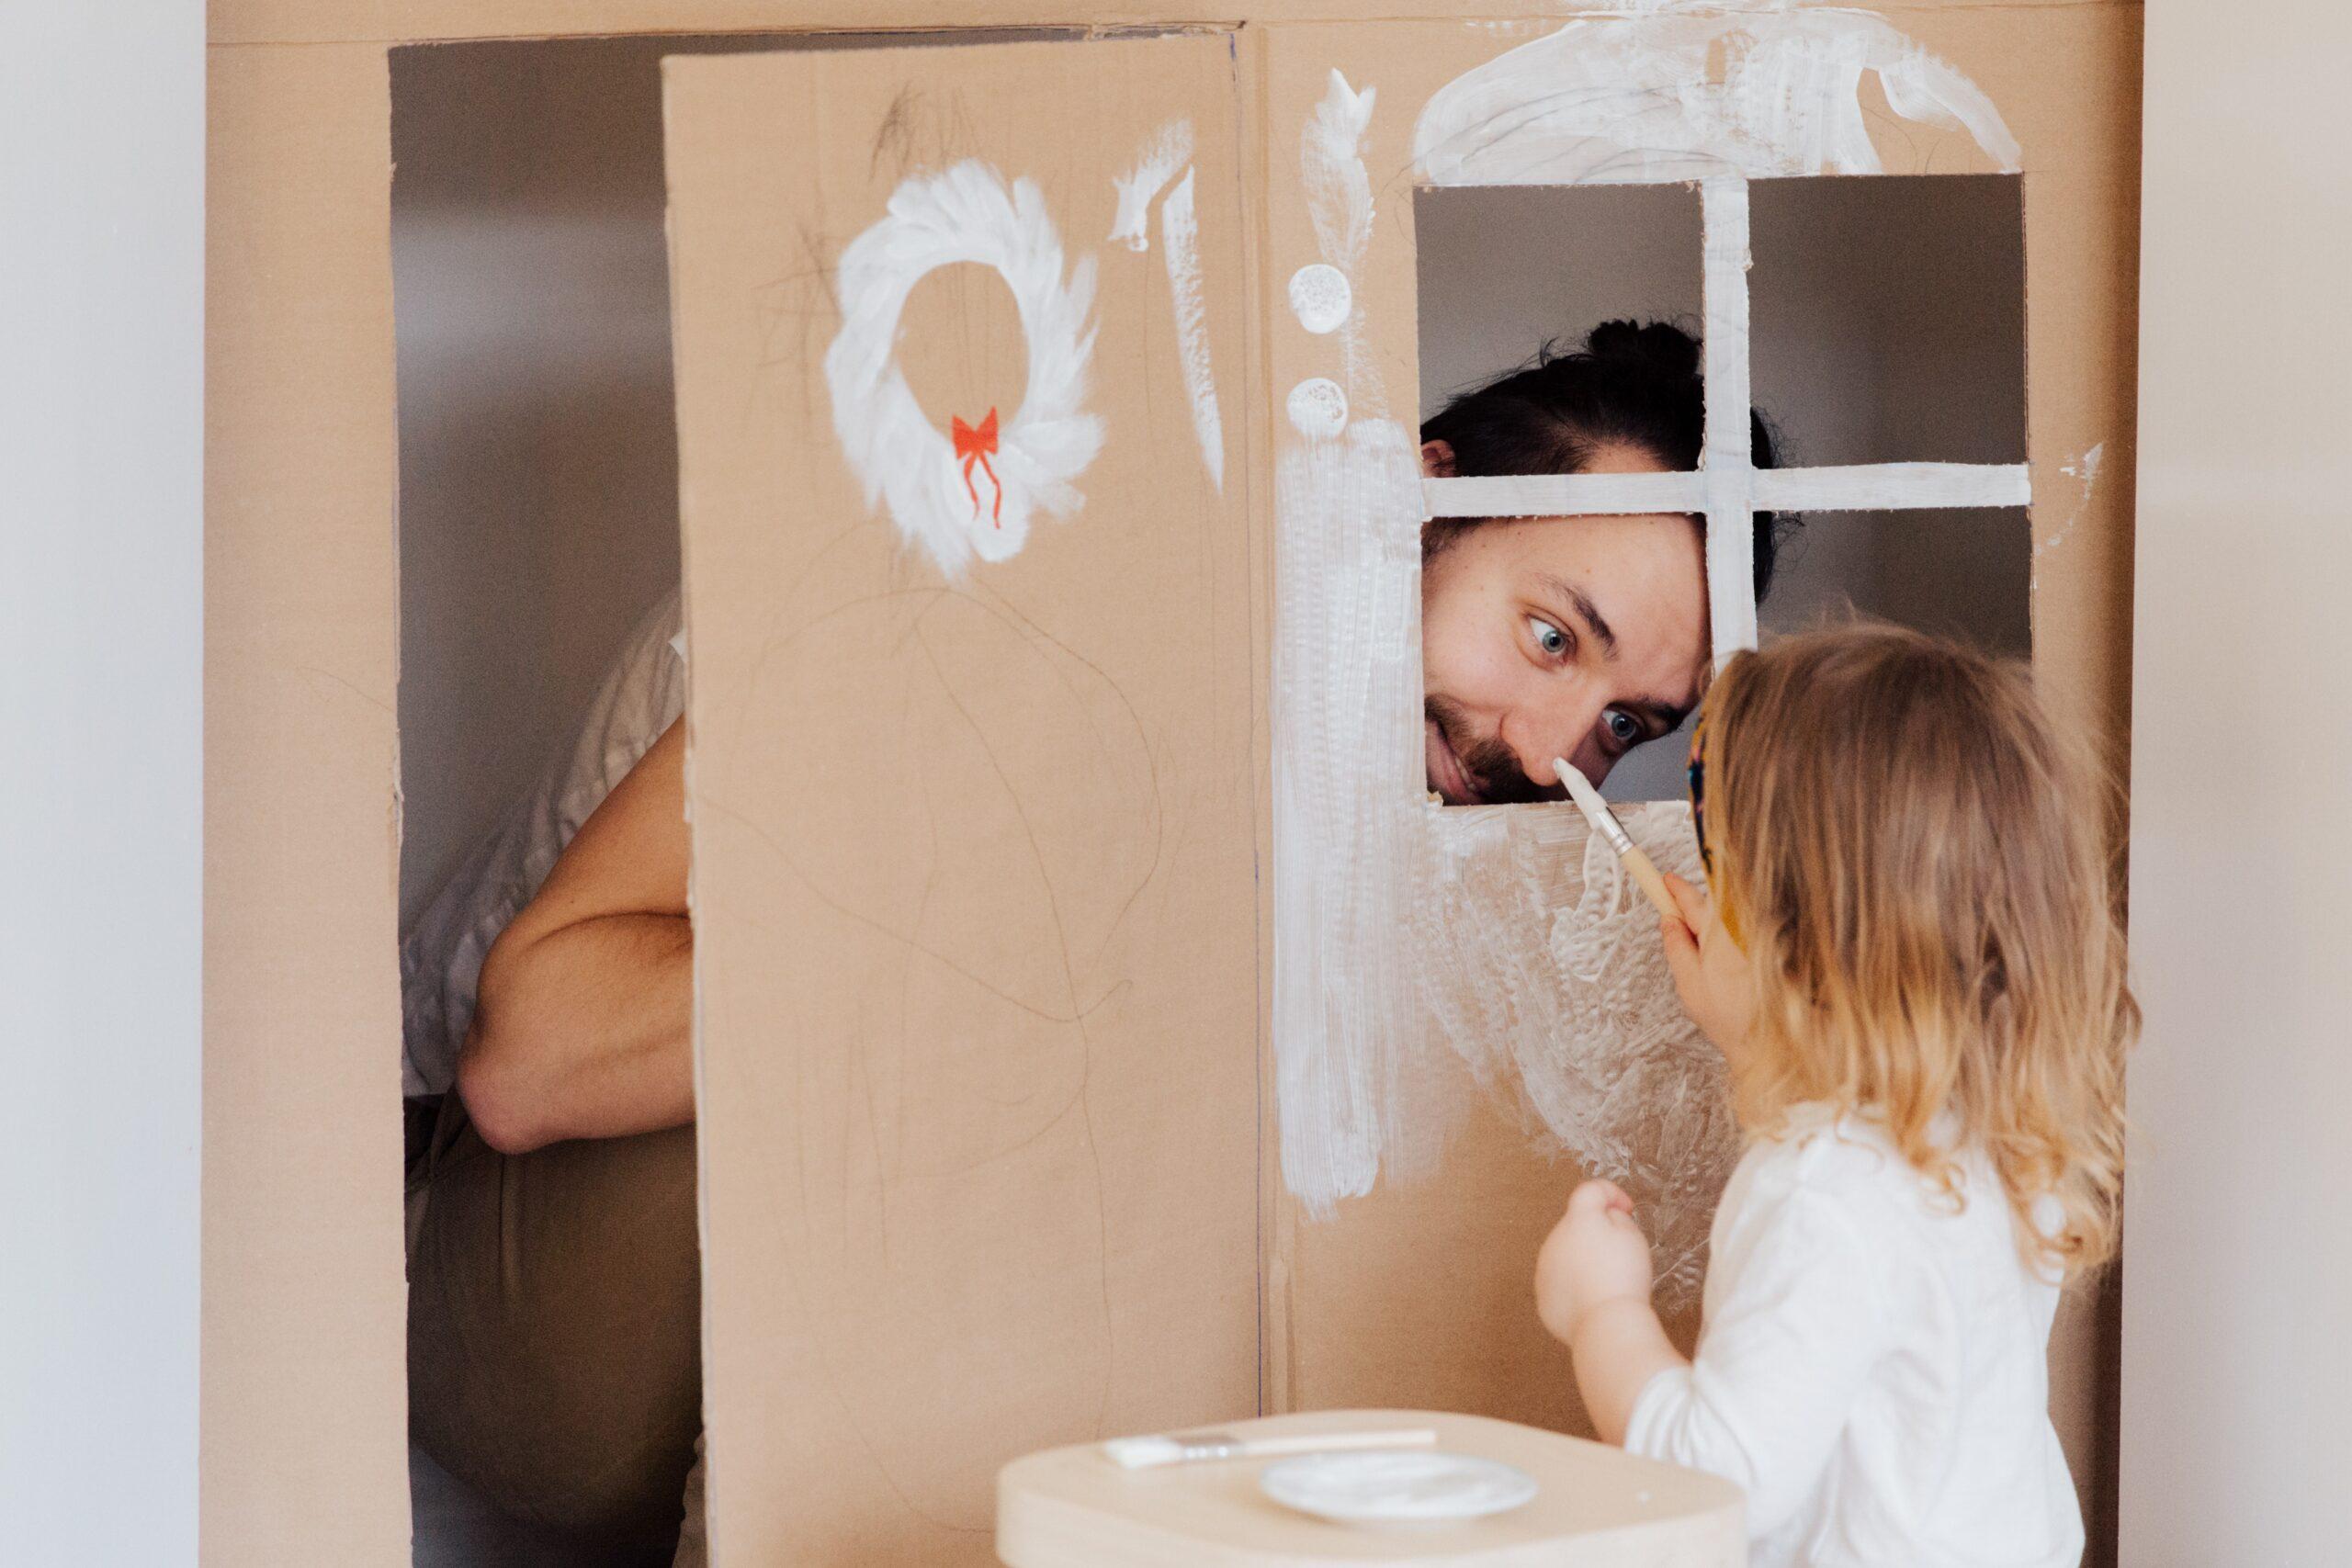 Brincar fortalece a relação entre pais e filhos | #FiqueEmCasa